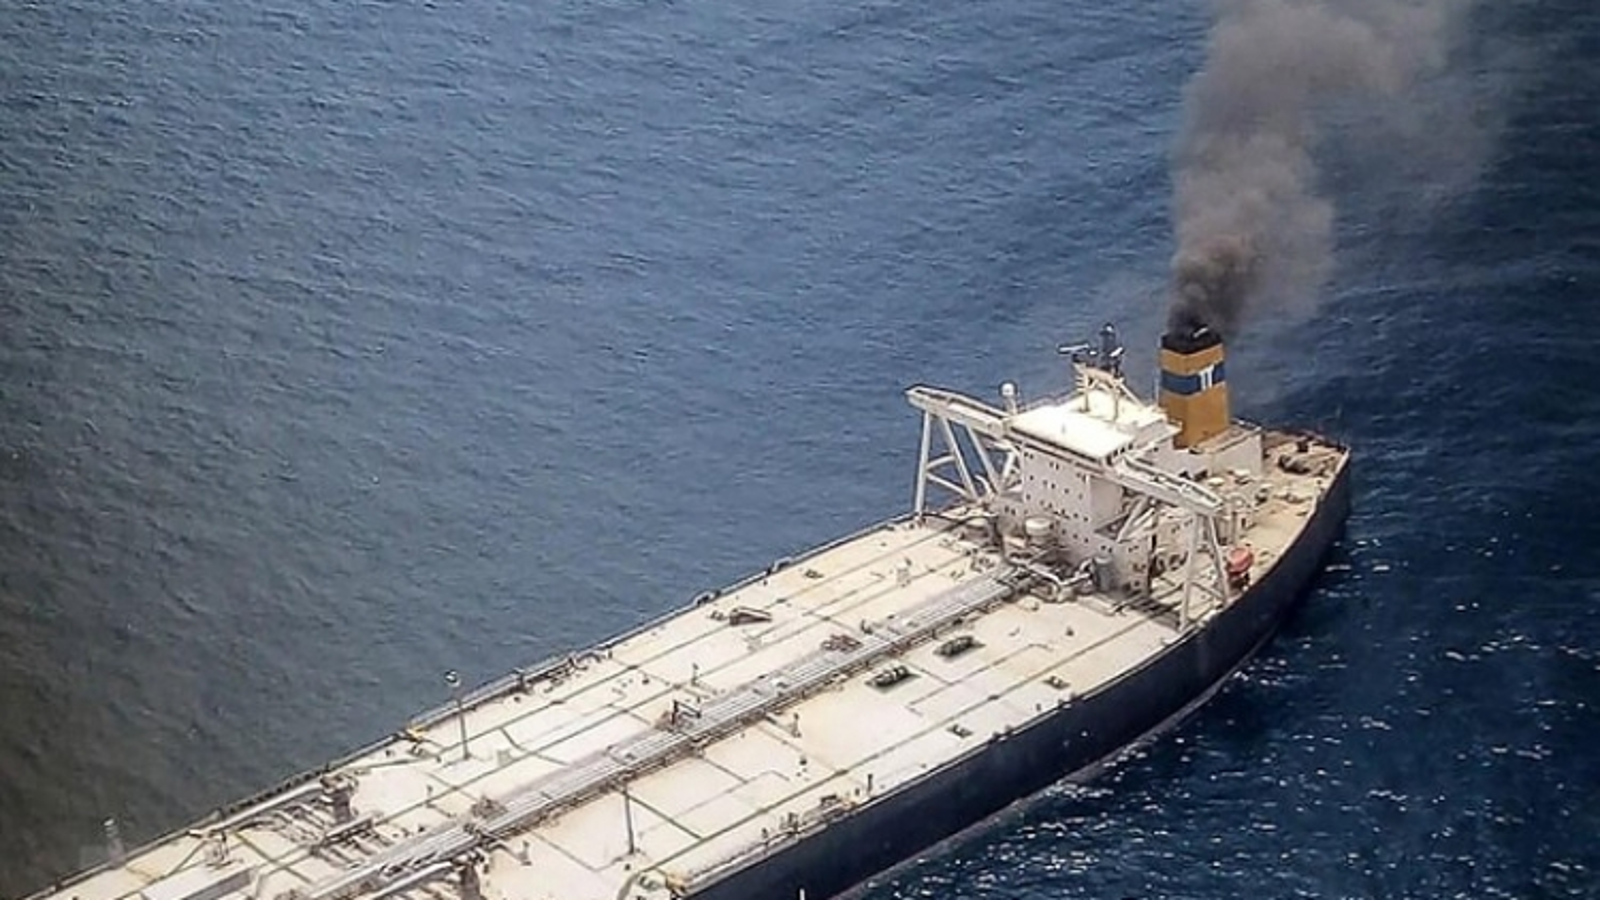 Chuyên gia quốc tế đến hỗ trợ khắc phục hậu quả cháy trên siêu tàu New Diamond